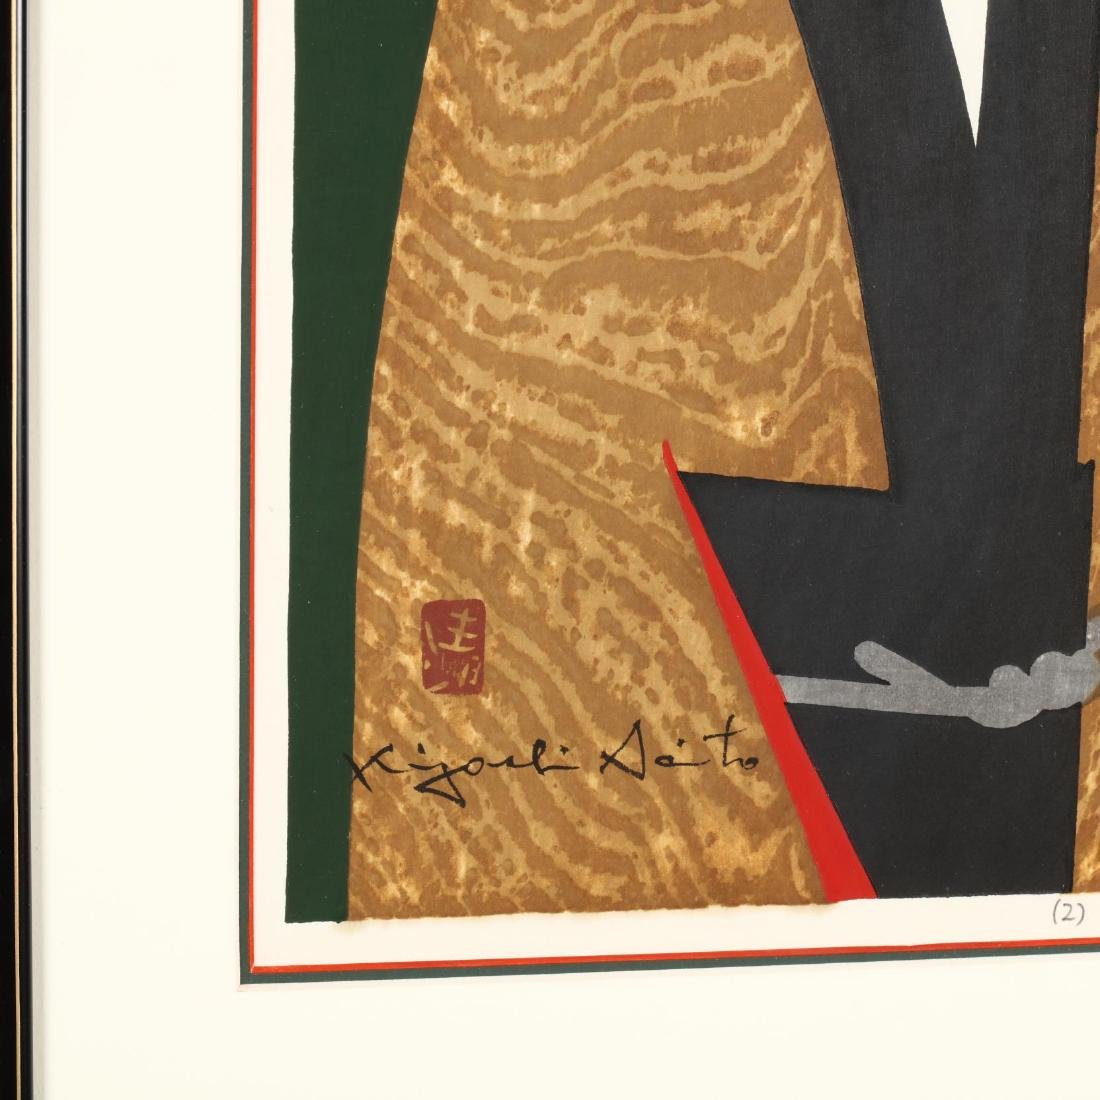 Two Japanese Woodblock Prints by Kiyoshi Saito - 3